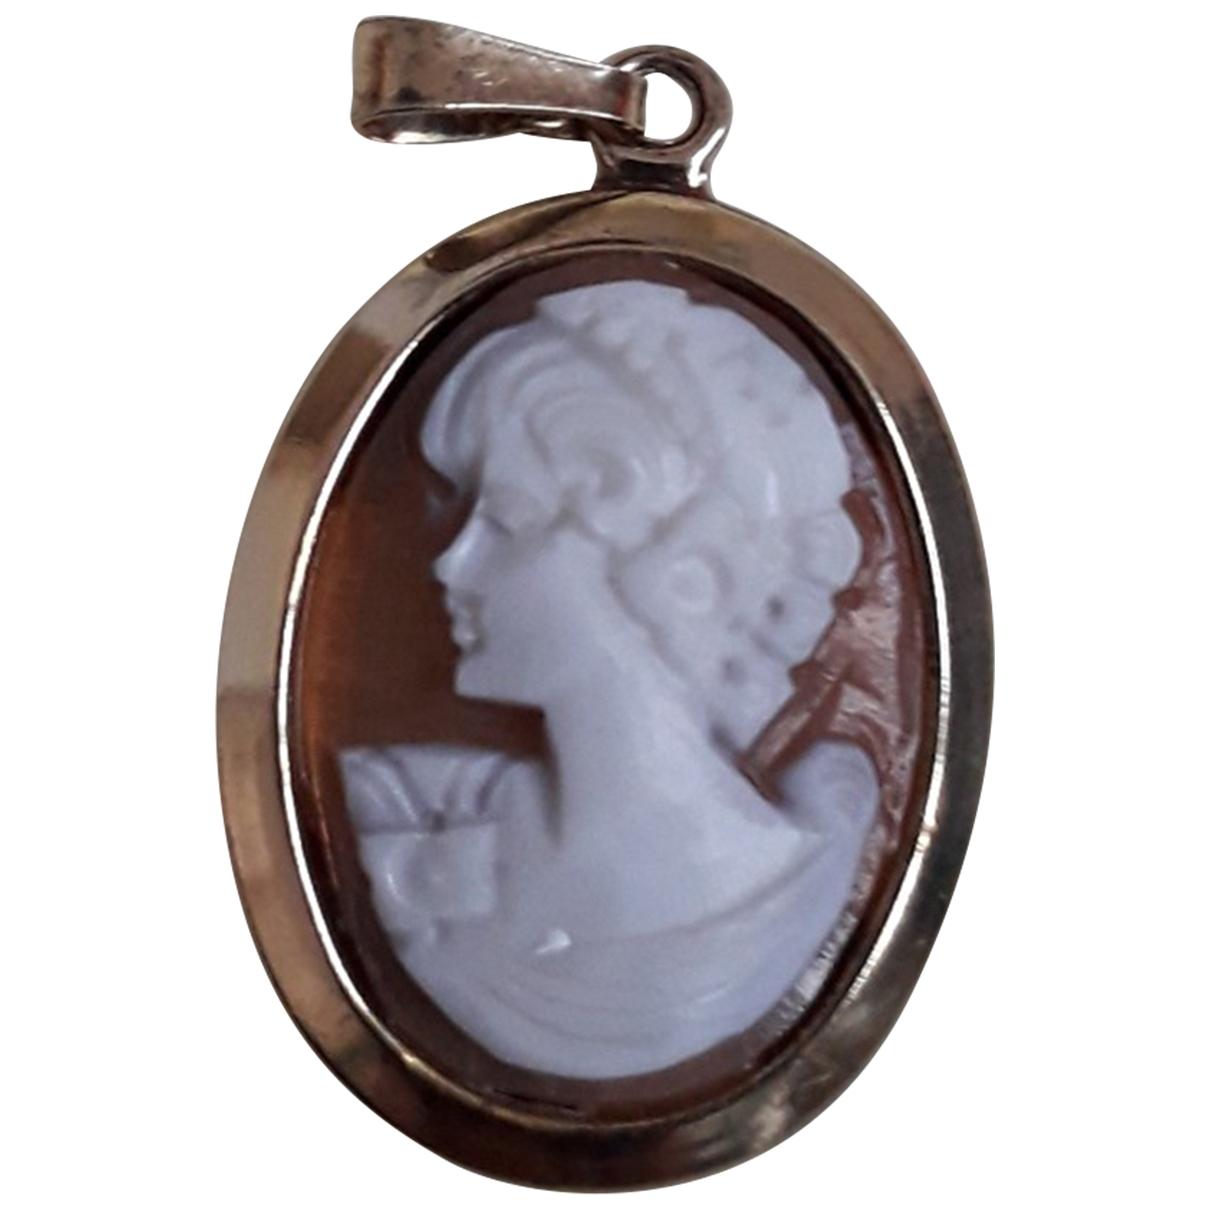 - Pendentif Medailles pour femme en argent - dore